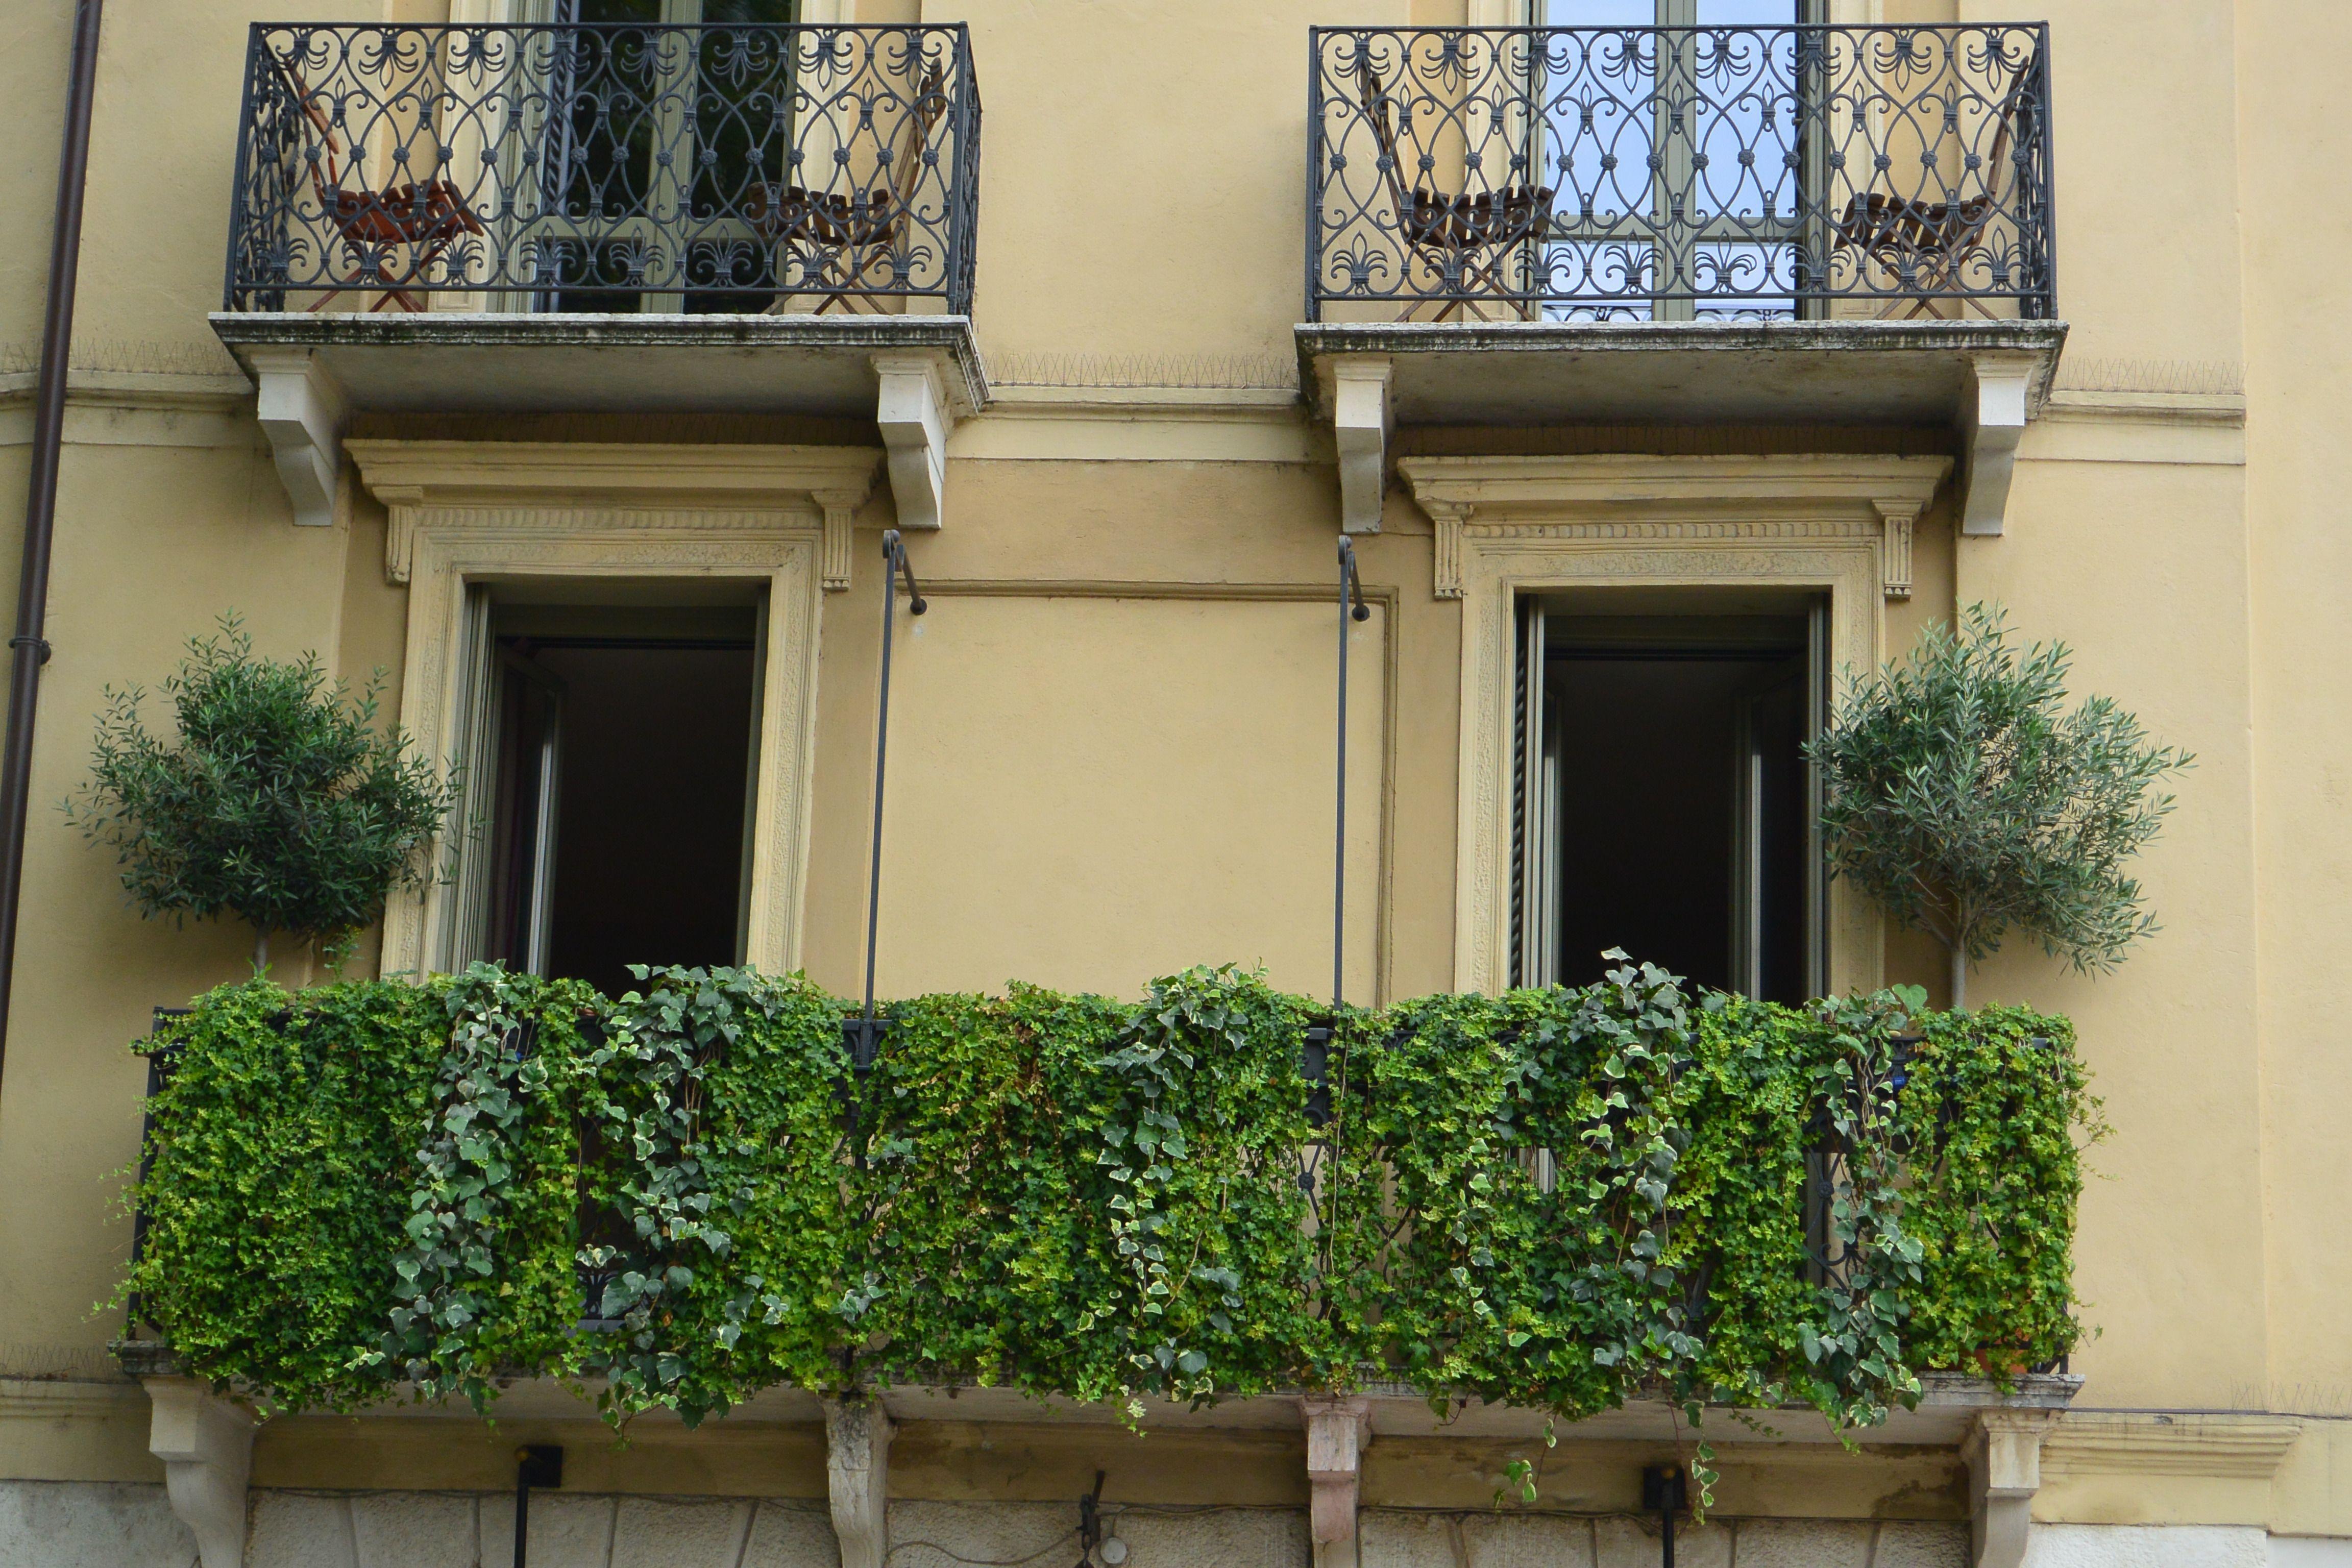 Sichtschutz Auf Dem Balkon Mit Efeu Balkon Pflanzen